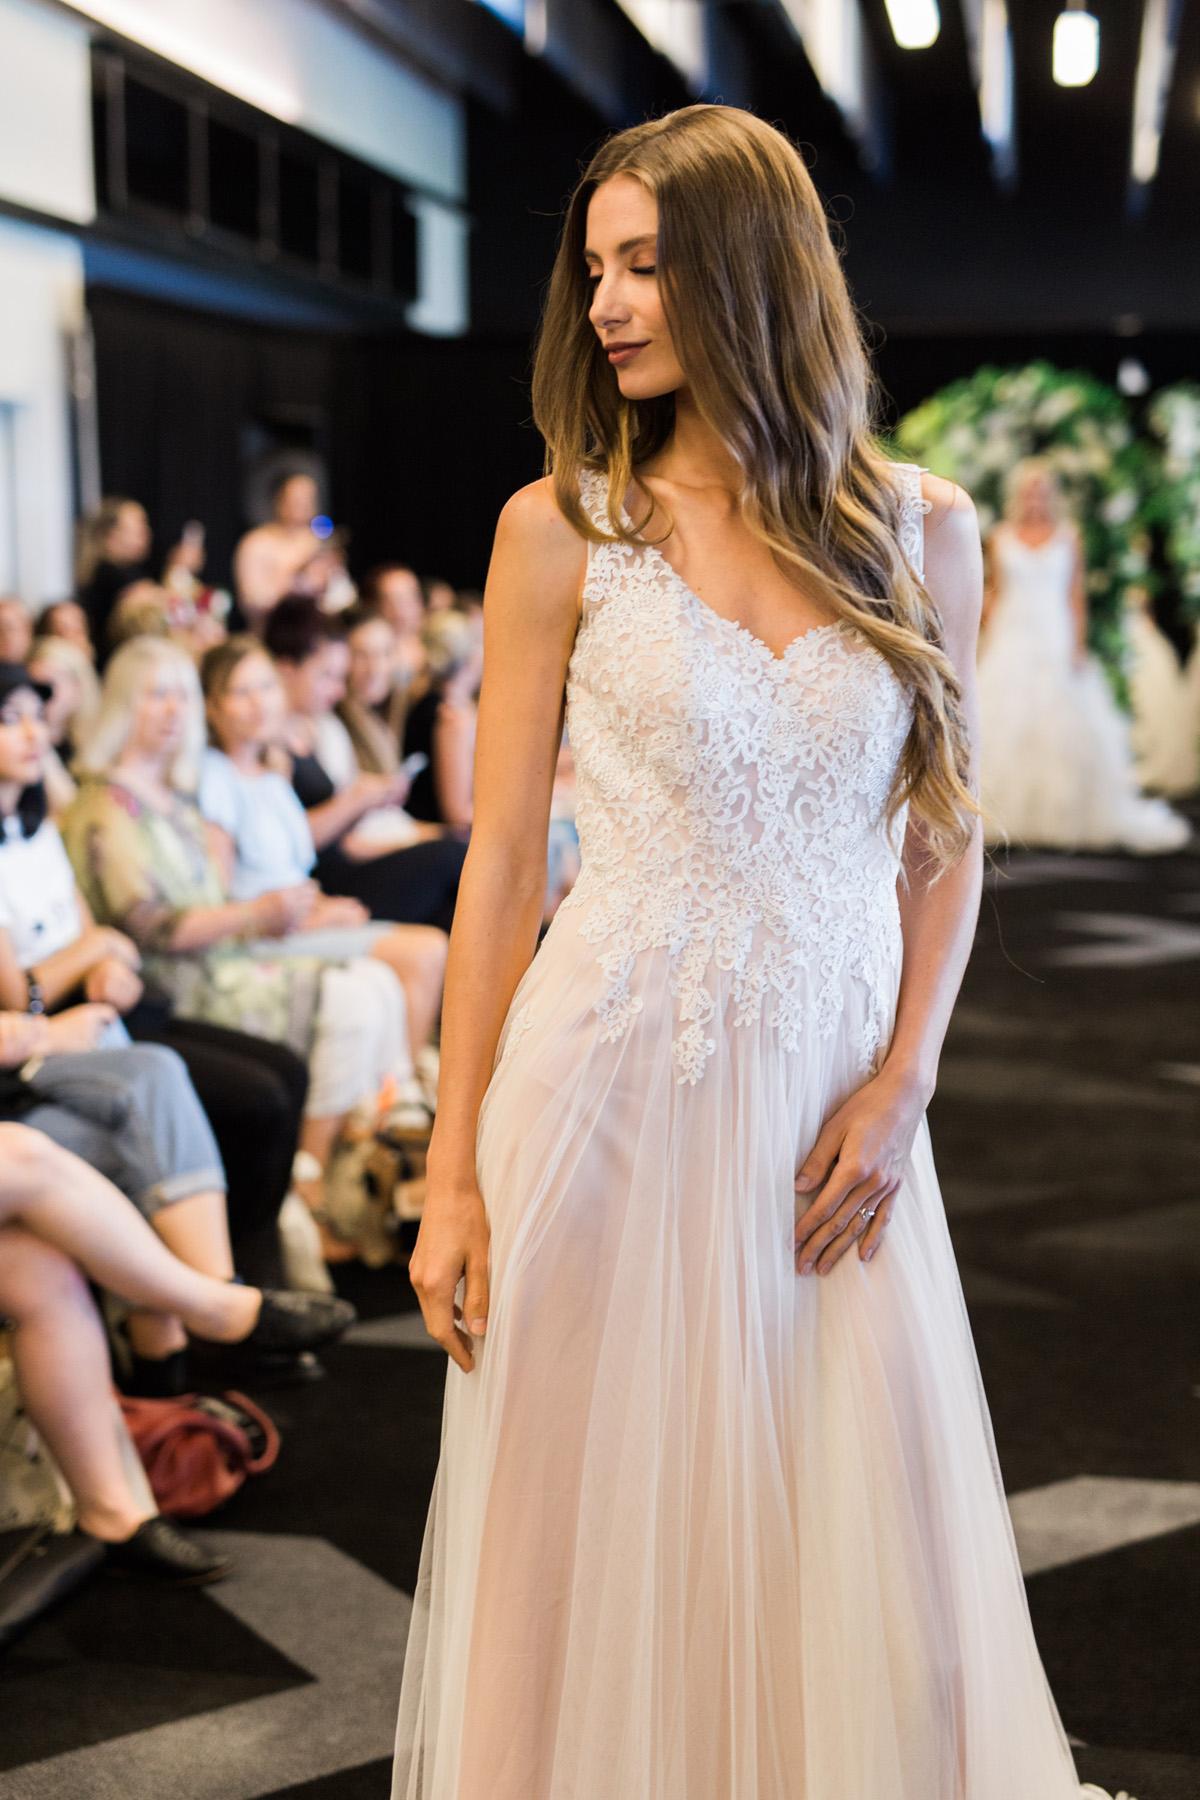 Love-Wedding-Festival-Sydney-Wedding-Gown-Jean-Fox-Bridal-2.jpg